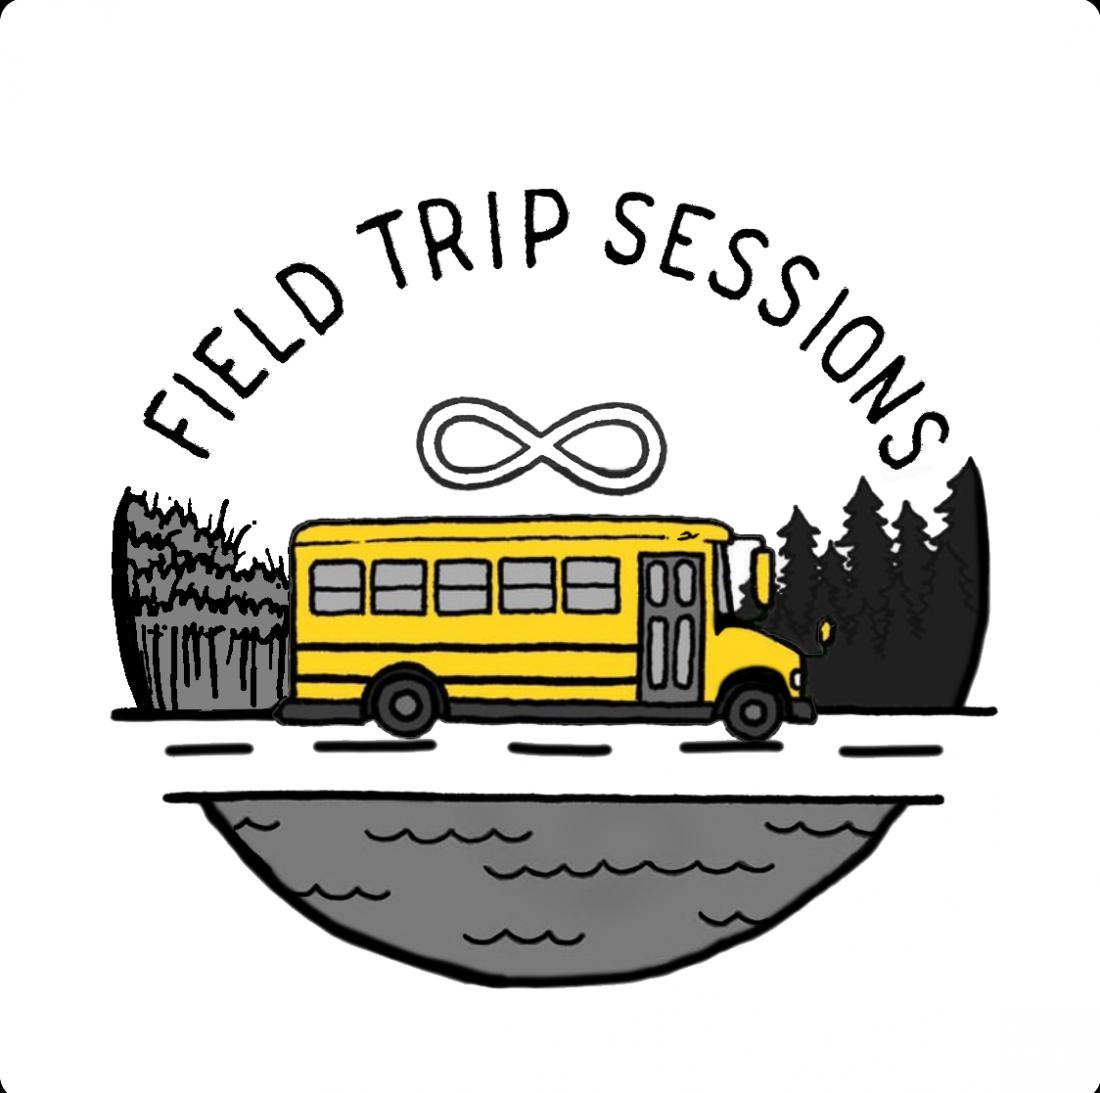 Field Trip Sessions